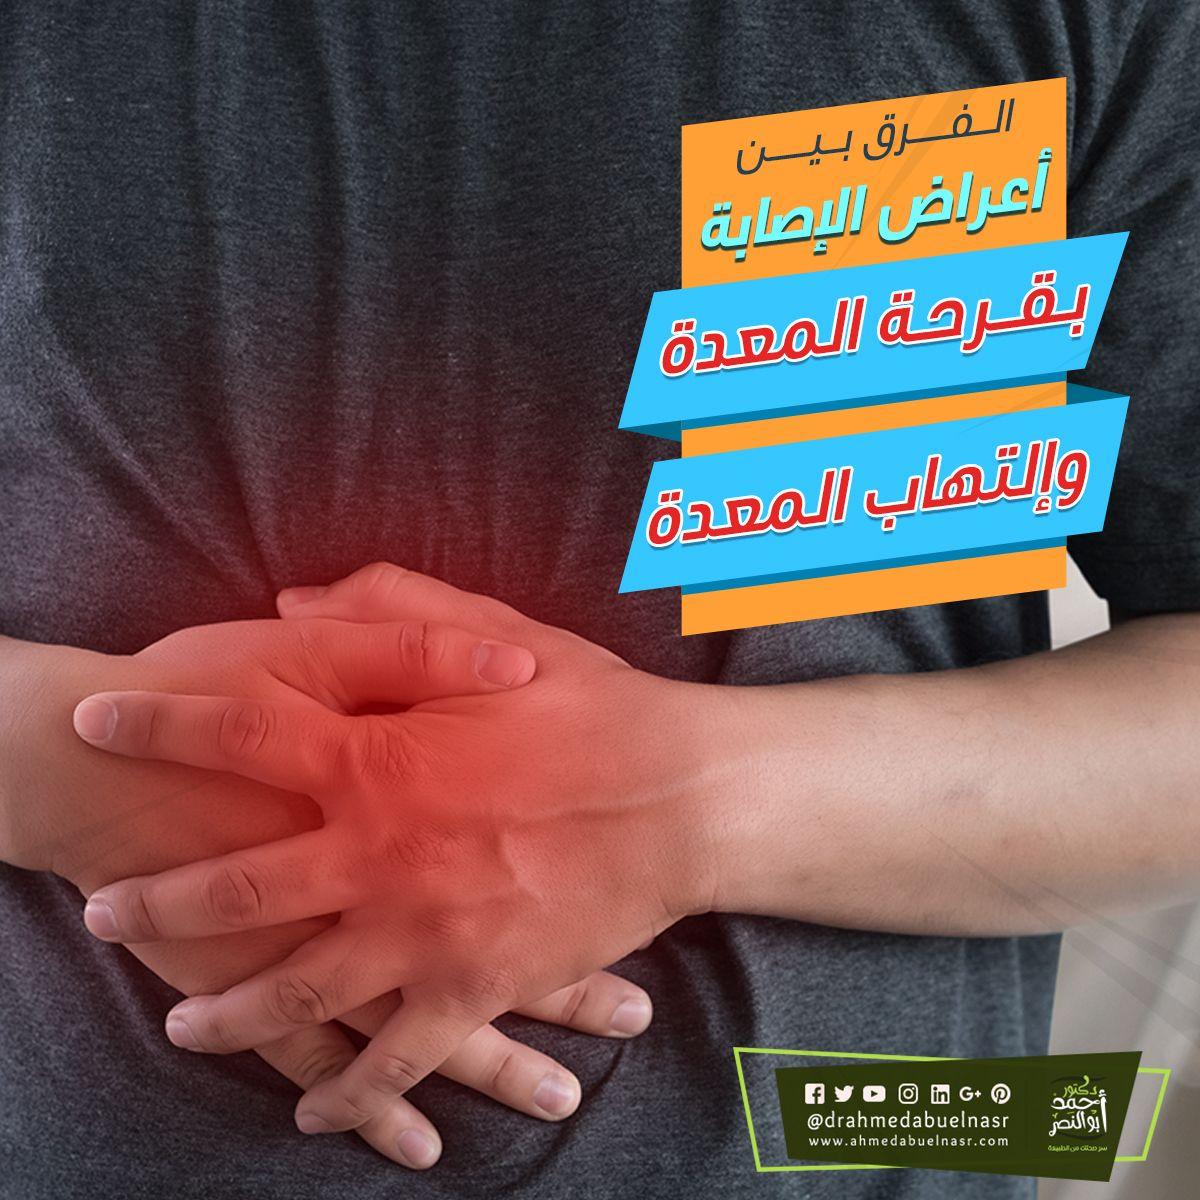 اعراض التهاب المعدة و تشخيصه و كيفية علاجه Hernia Symptoms Gastroparesis Health And Beauty Tips